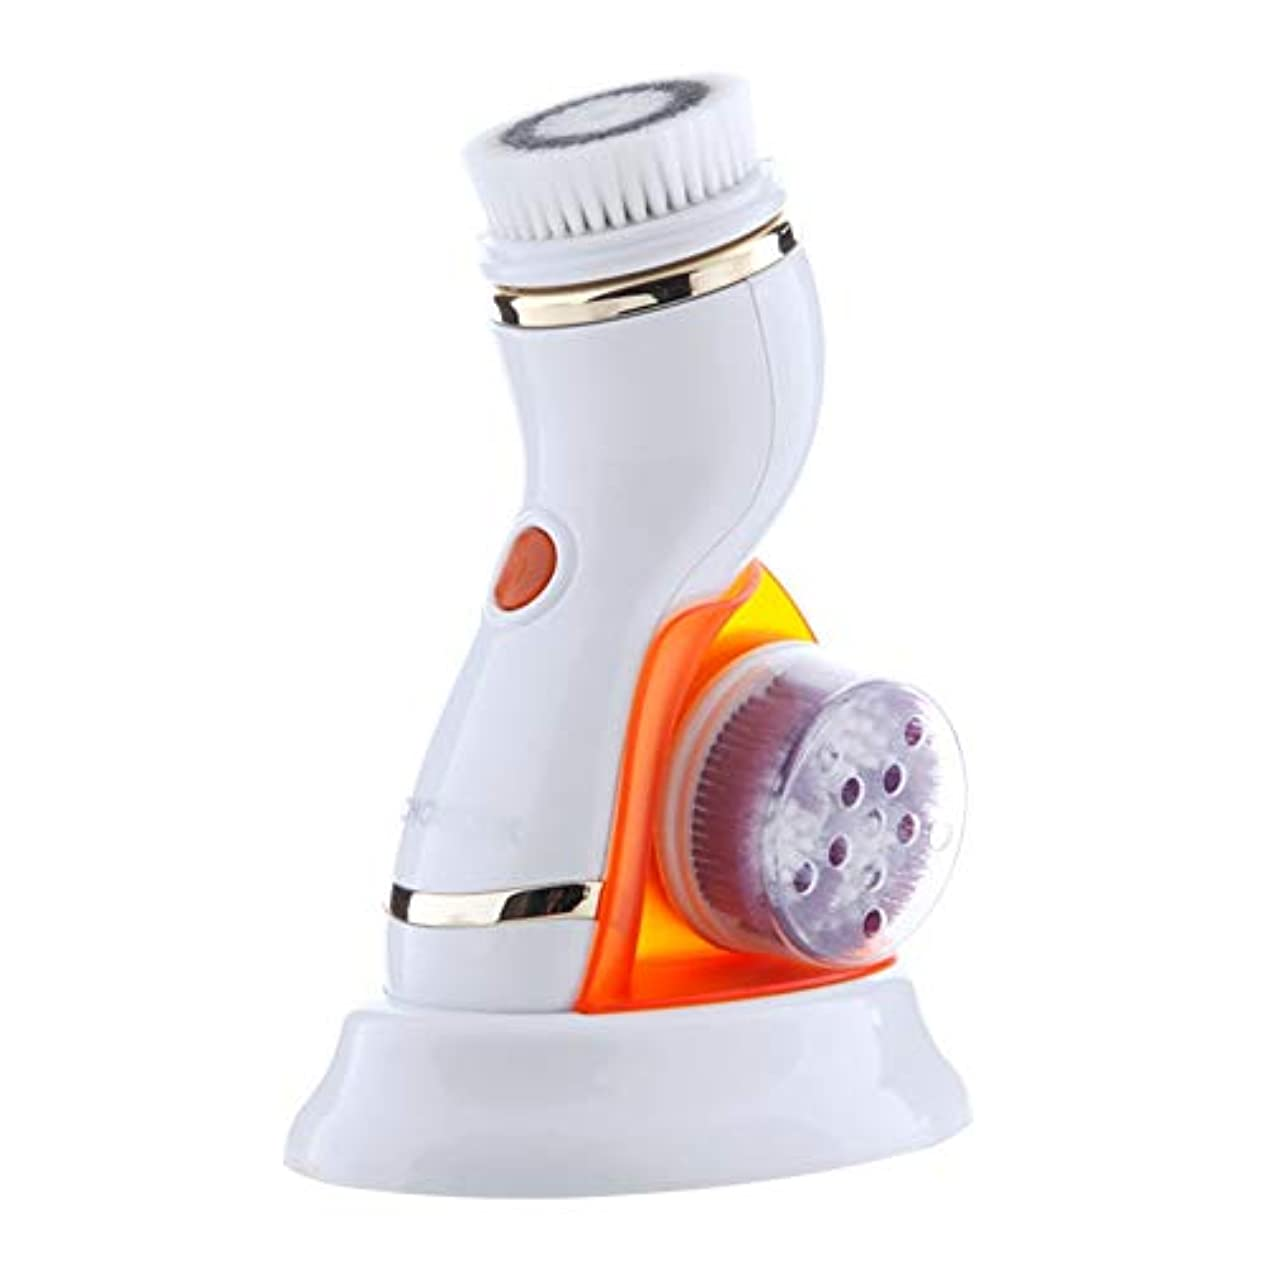 欠席私達最悪ZHILI 洗顔ブラシ、電気洗顔料洗顔ブラシ洗顔ブラシ洗顔ポアクリーナー (Color : Orange)